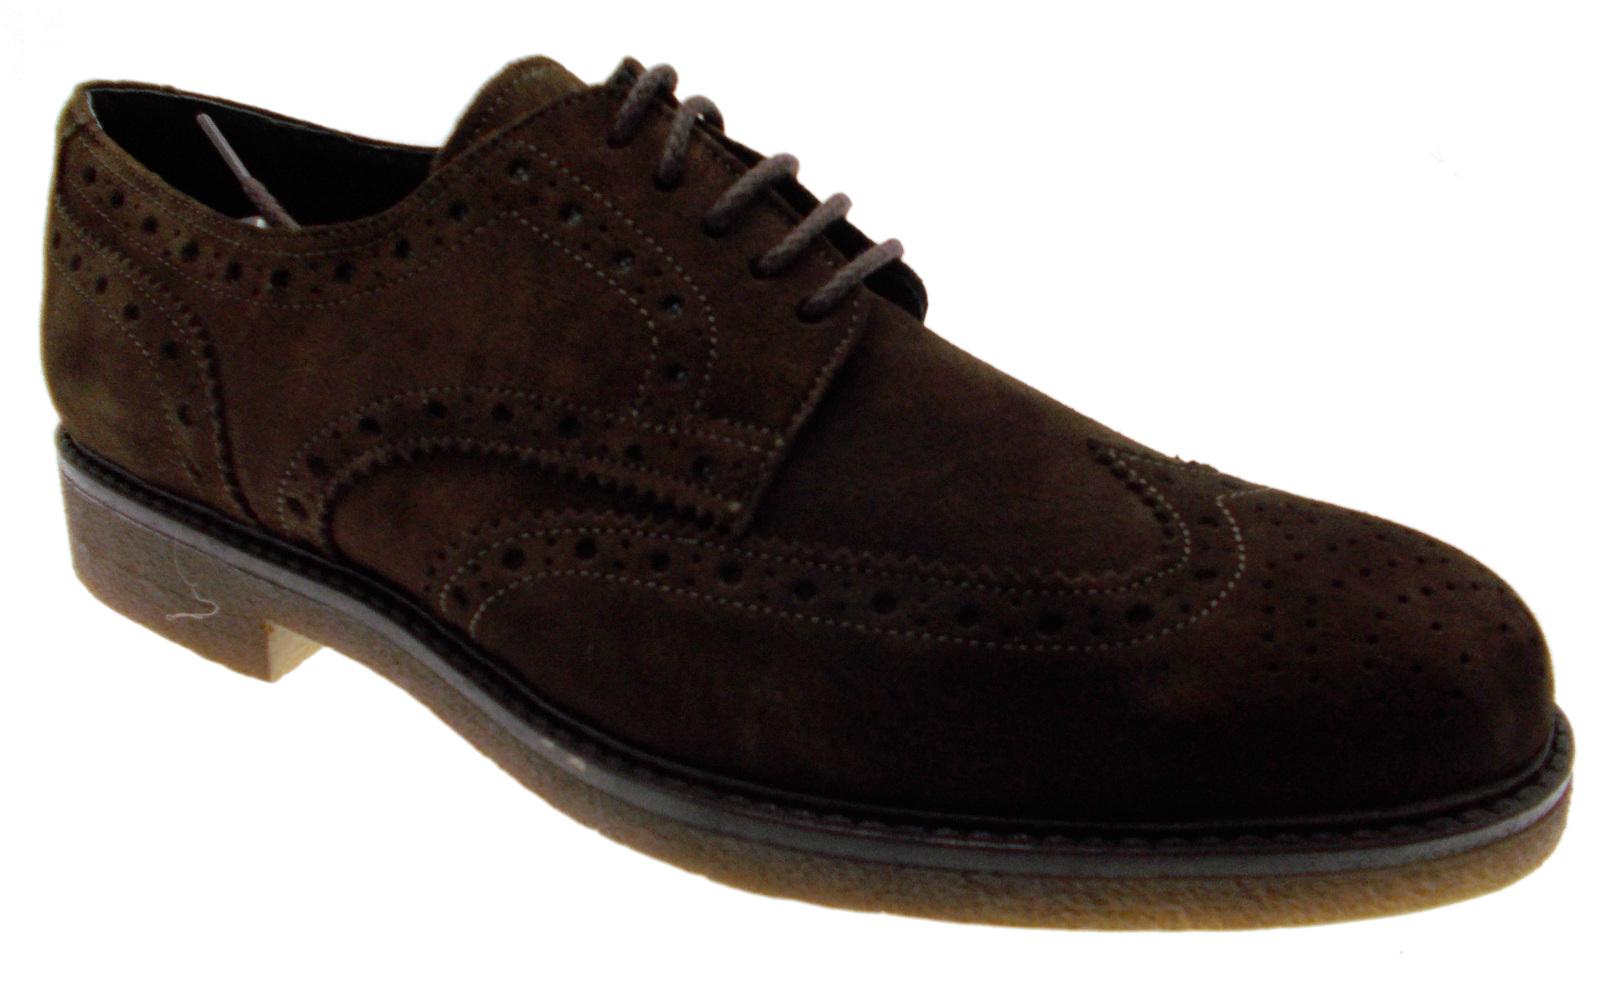 scarpa uomo classico allacciato francesina inglesina camoscio marrone art 749 Pi Scarpe classiche da uomo